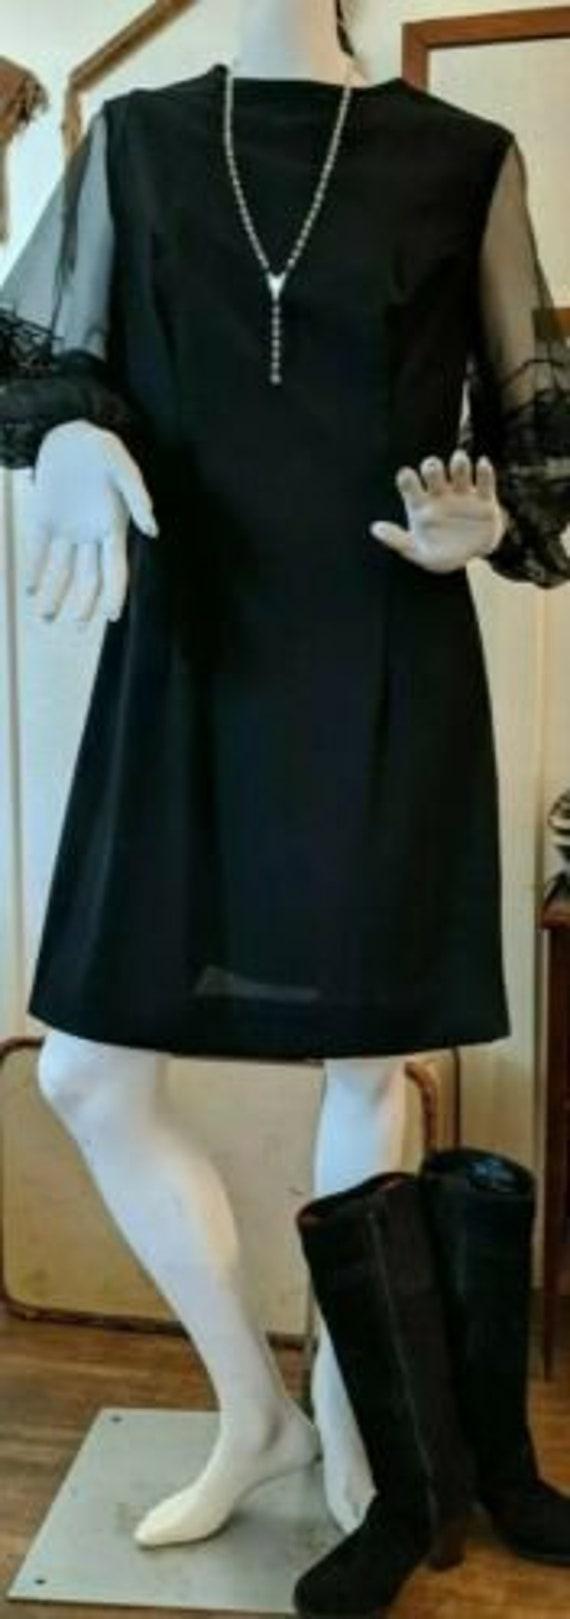 Vintage 1960s Aldens Black Cocktail Dress with Chi